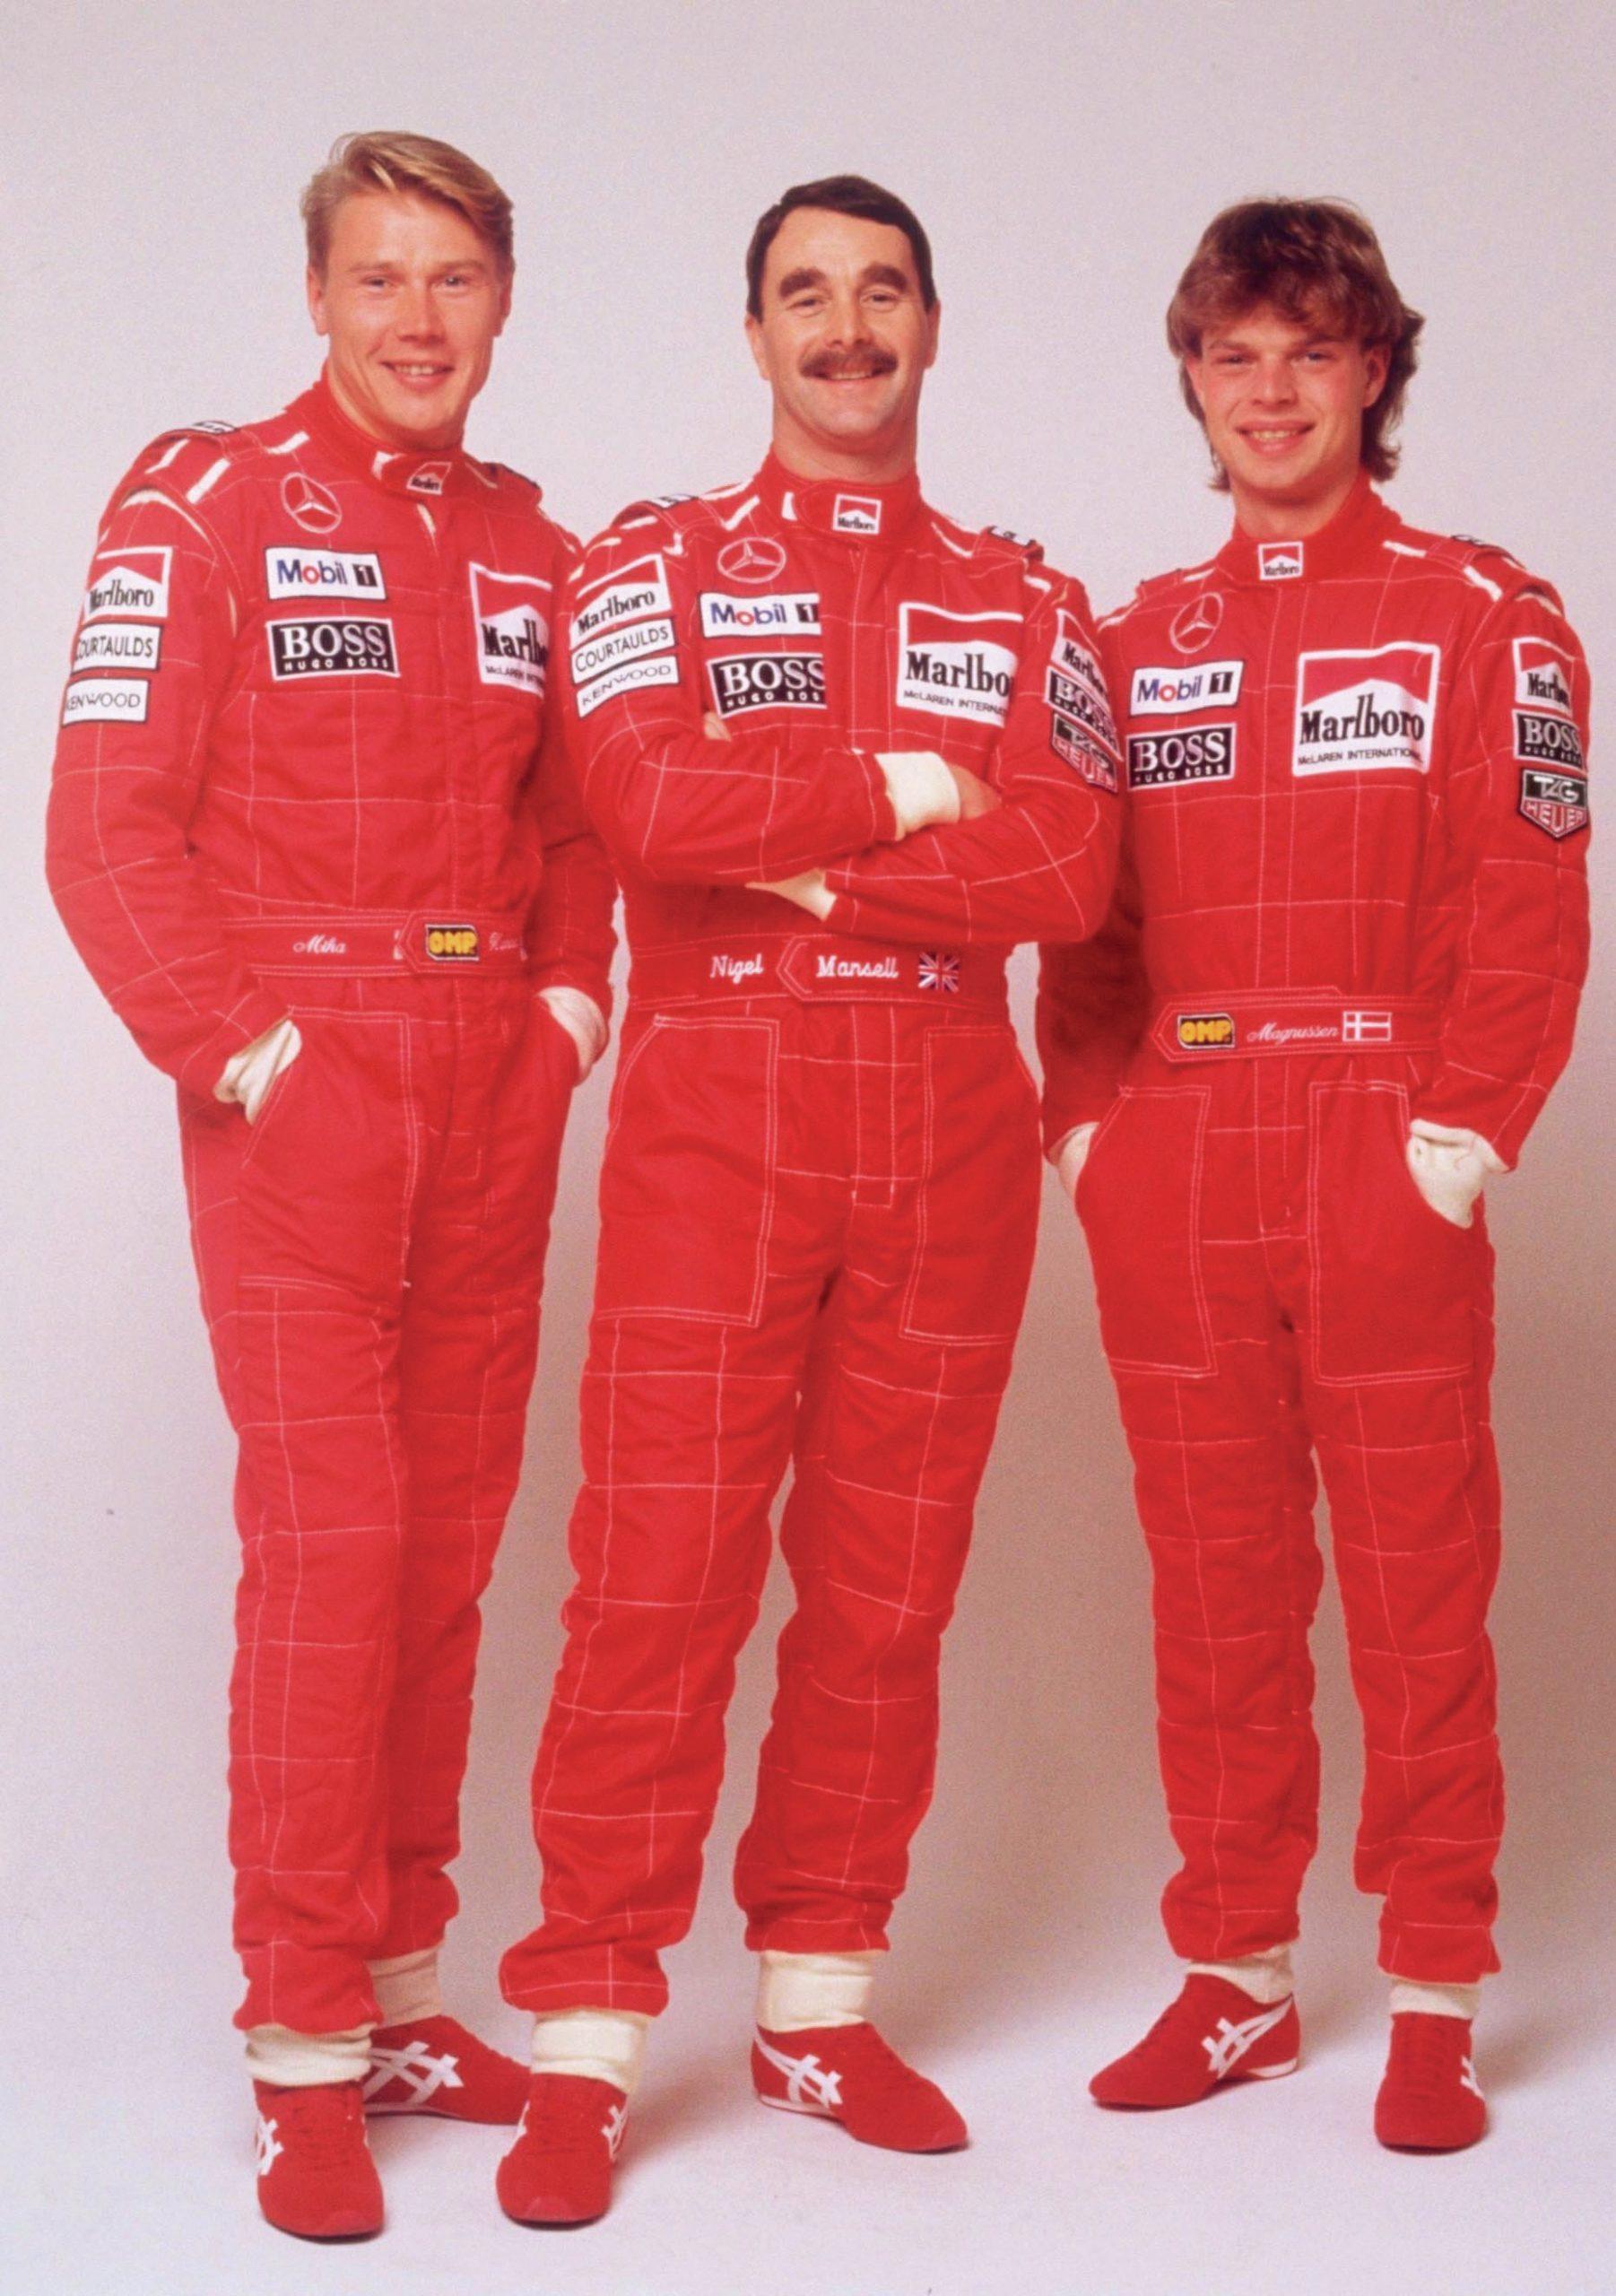 McLaren drivers Mika Hakkinen Nigel Mansell and Jan Magnussen in 1995